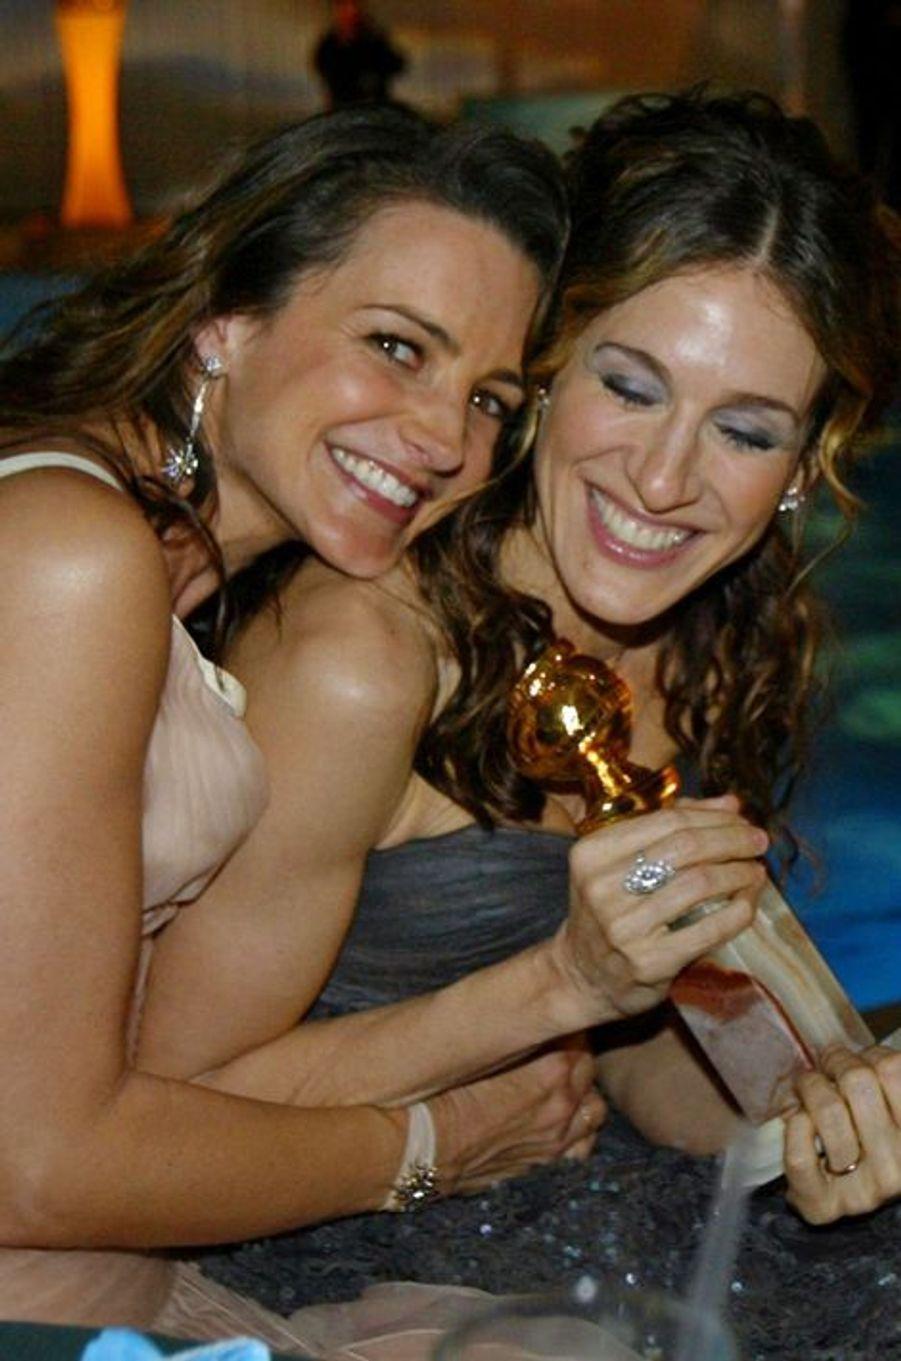 Aux Golden Globes Awards 2004, en compagnie de Sarah Jessica Parker